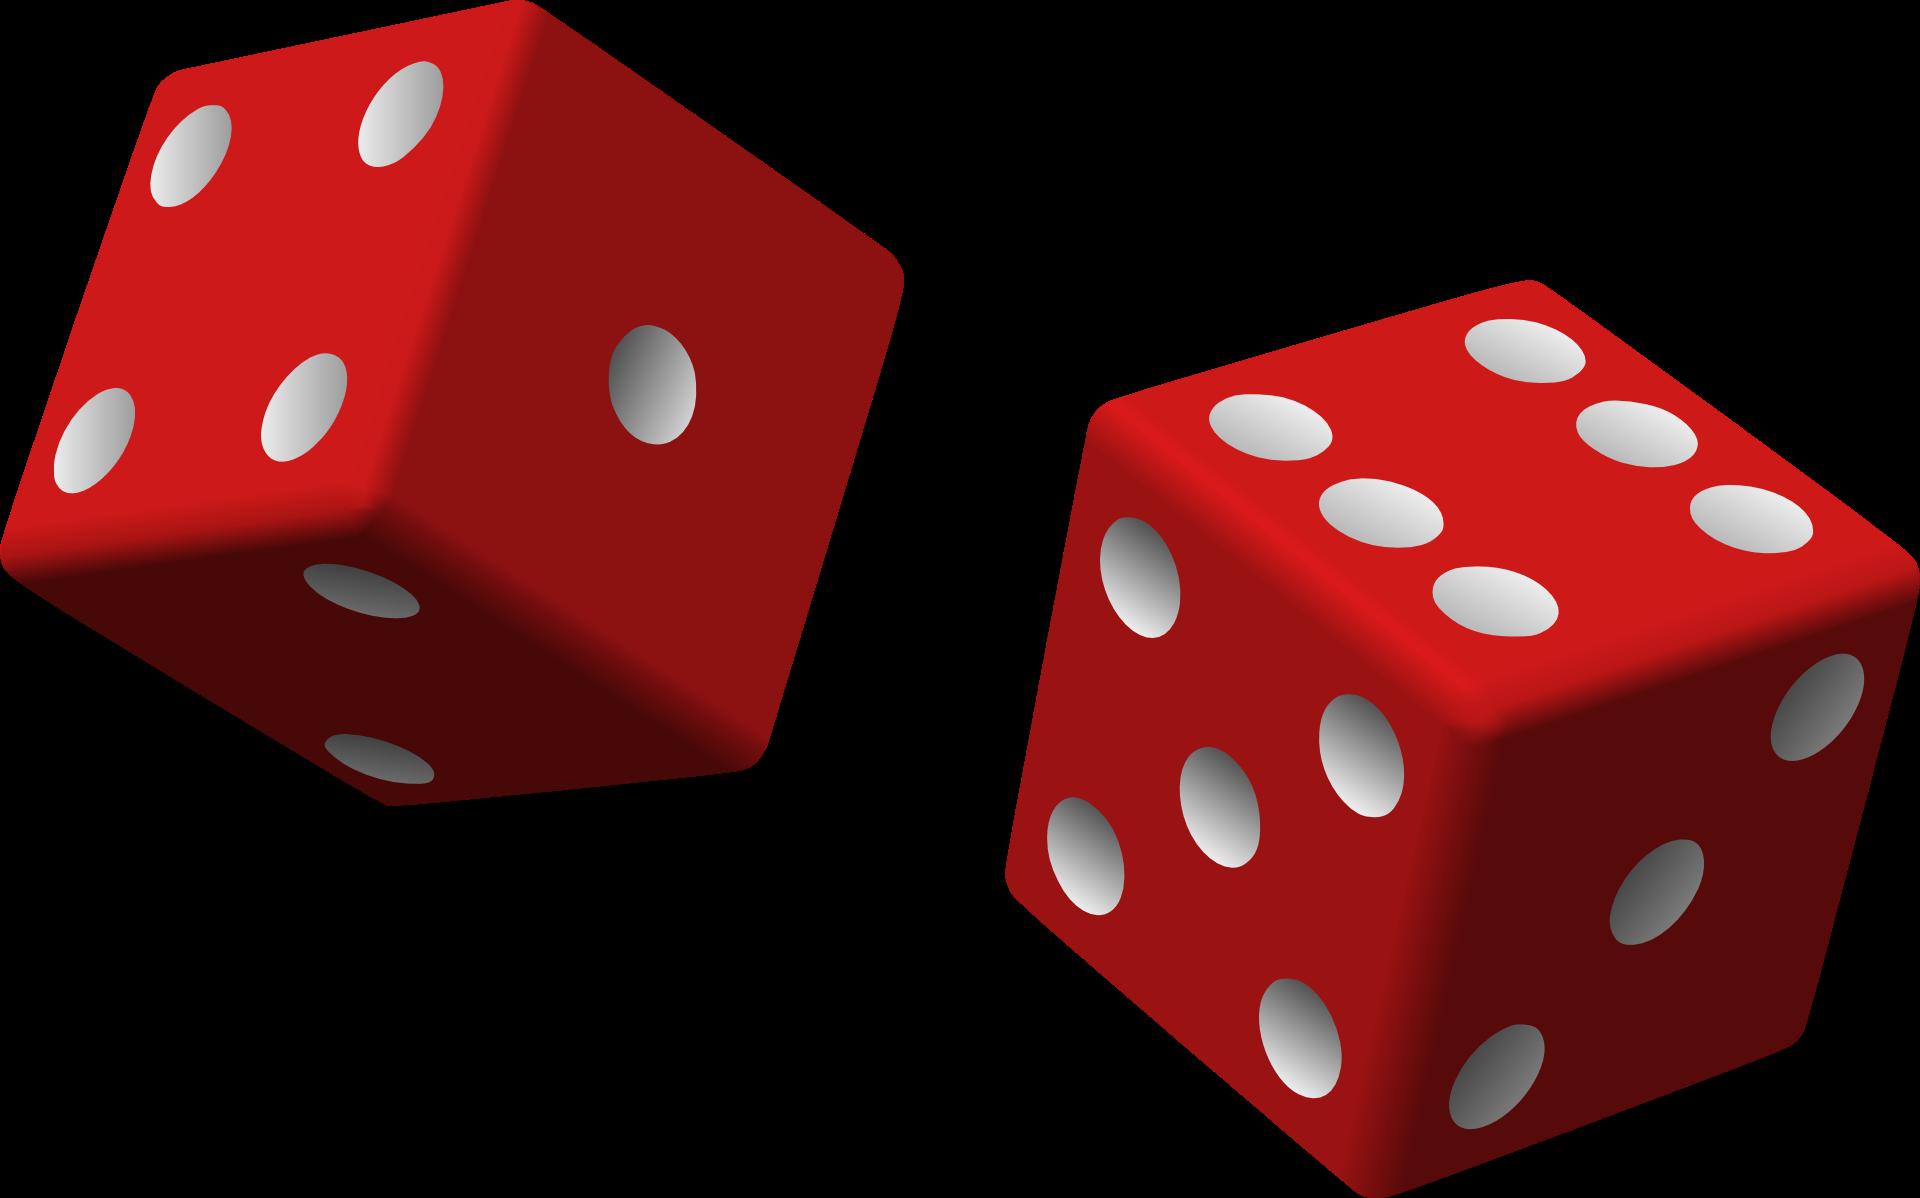 https://pixabay.com/pt/vectors/dos-dados-red-dois-jogo-circulante-25637/